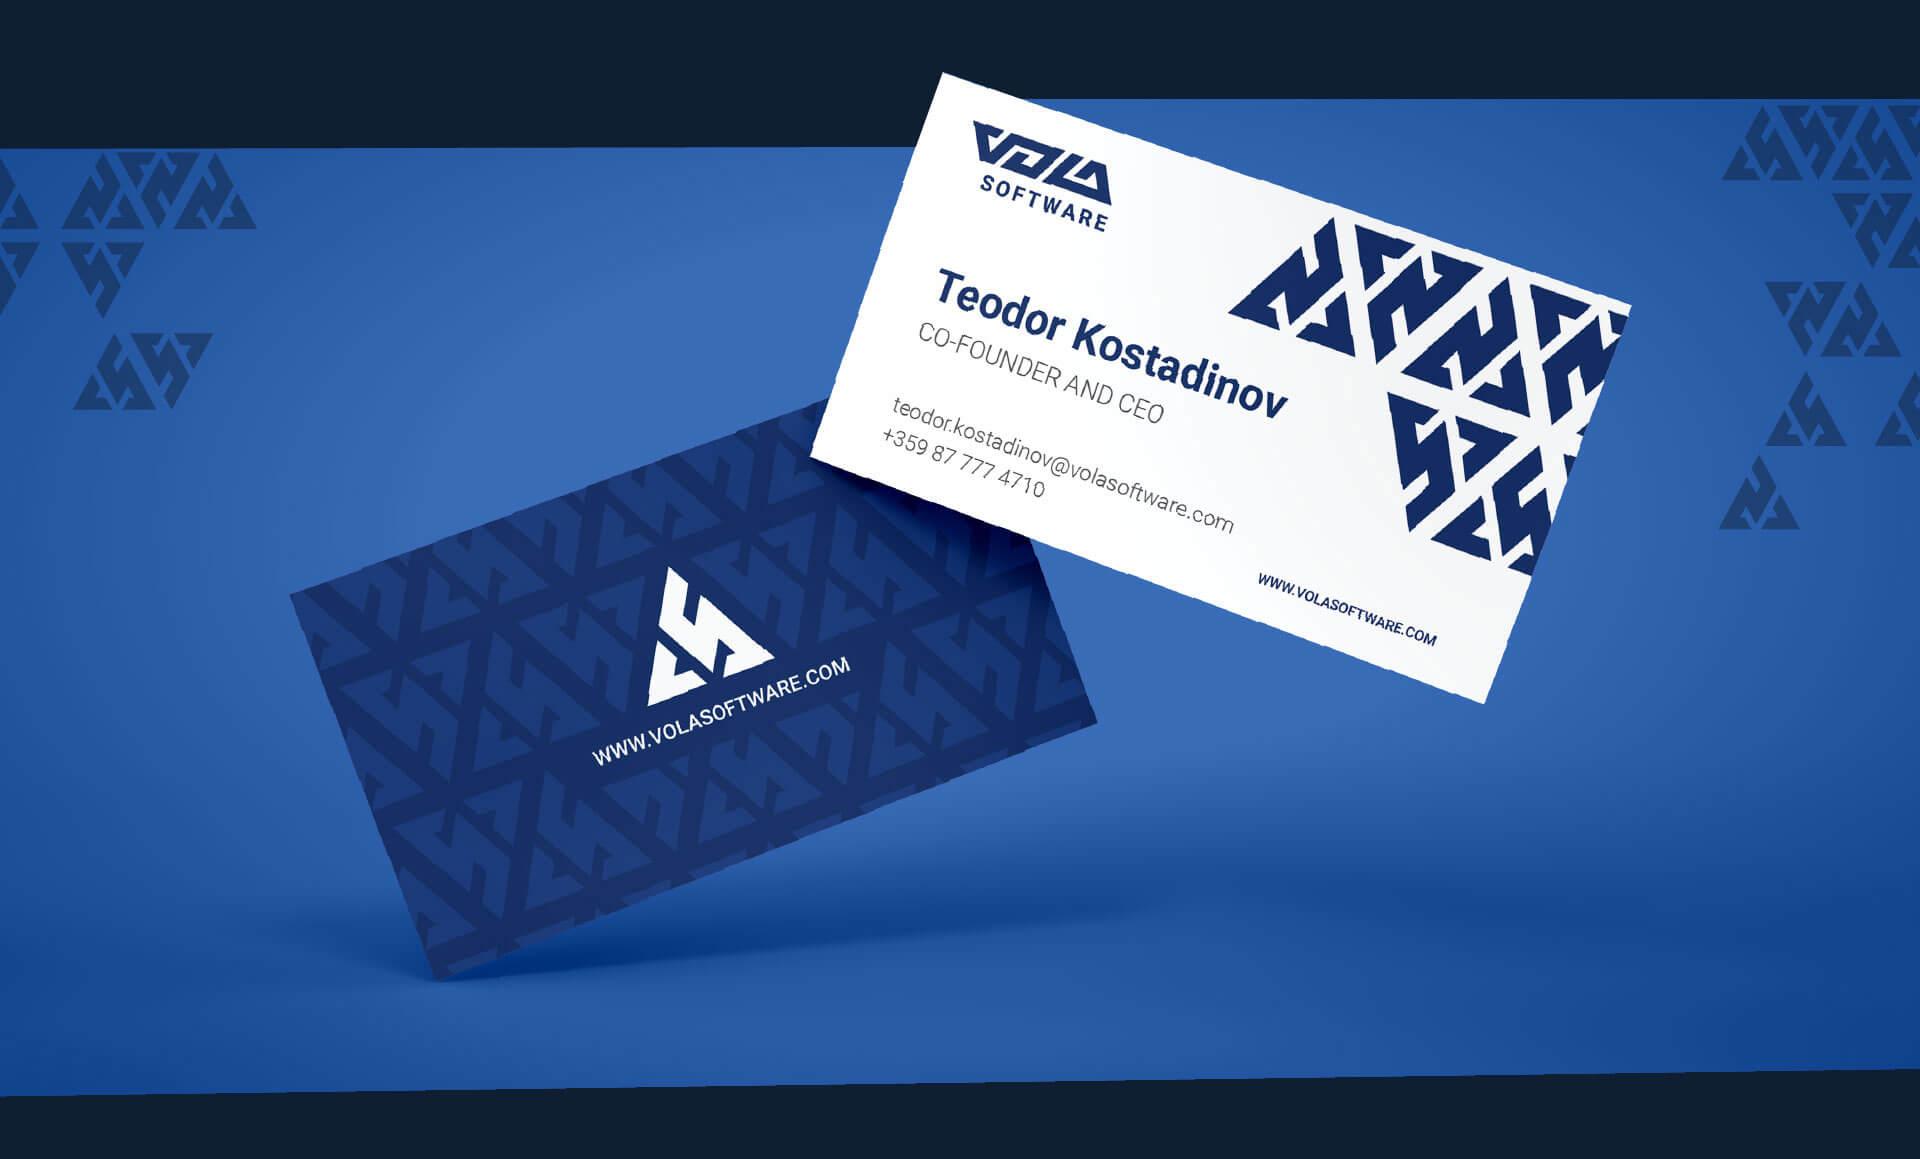 vola-eyas-presentation-2